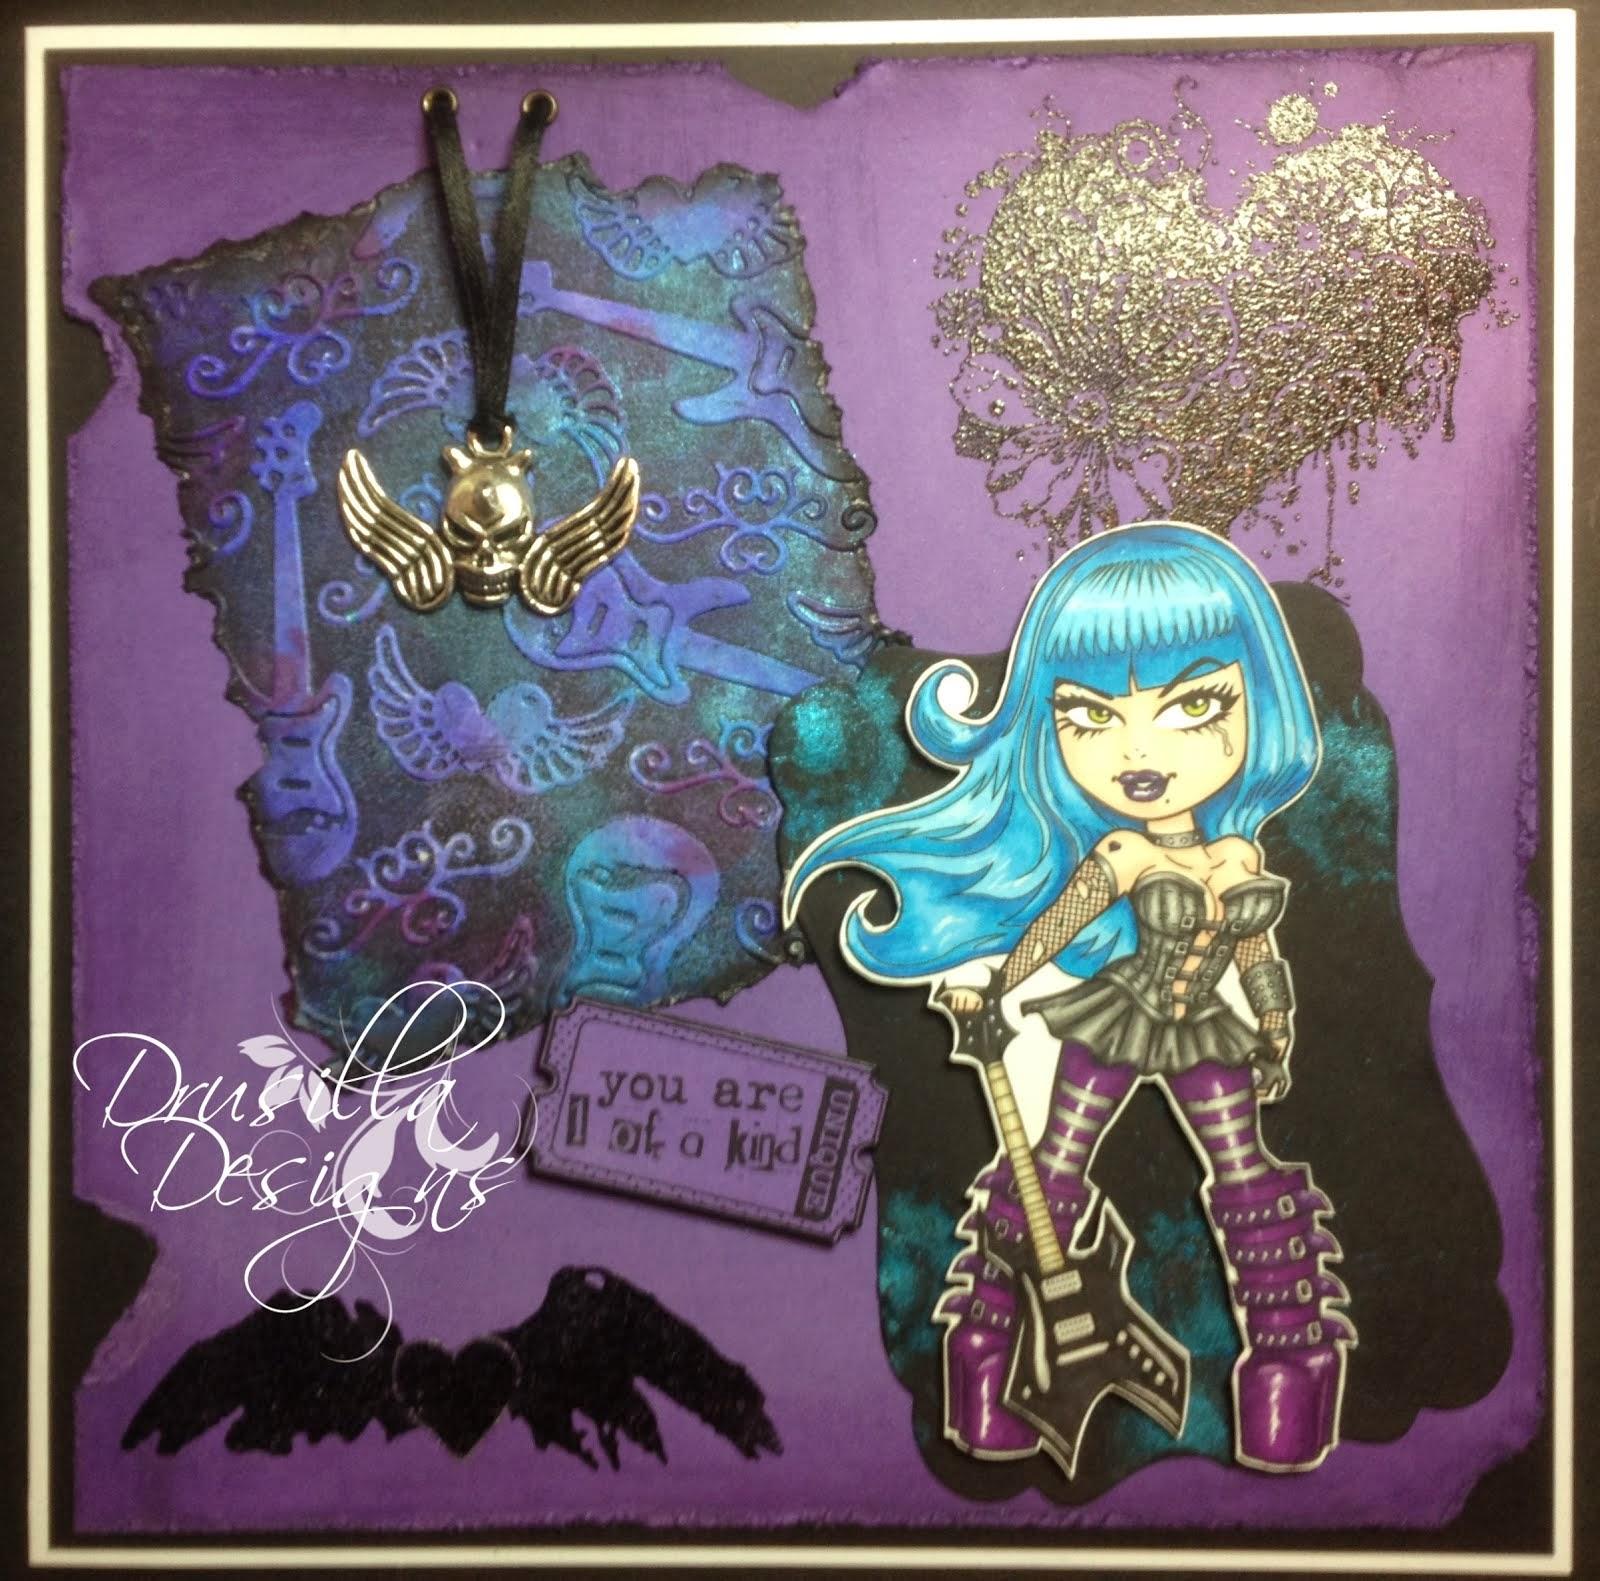 Drusilla Designs